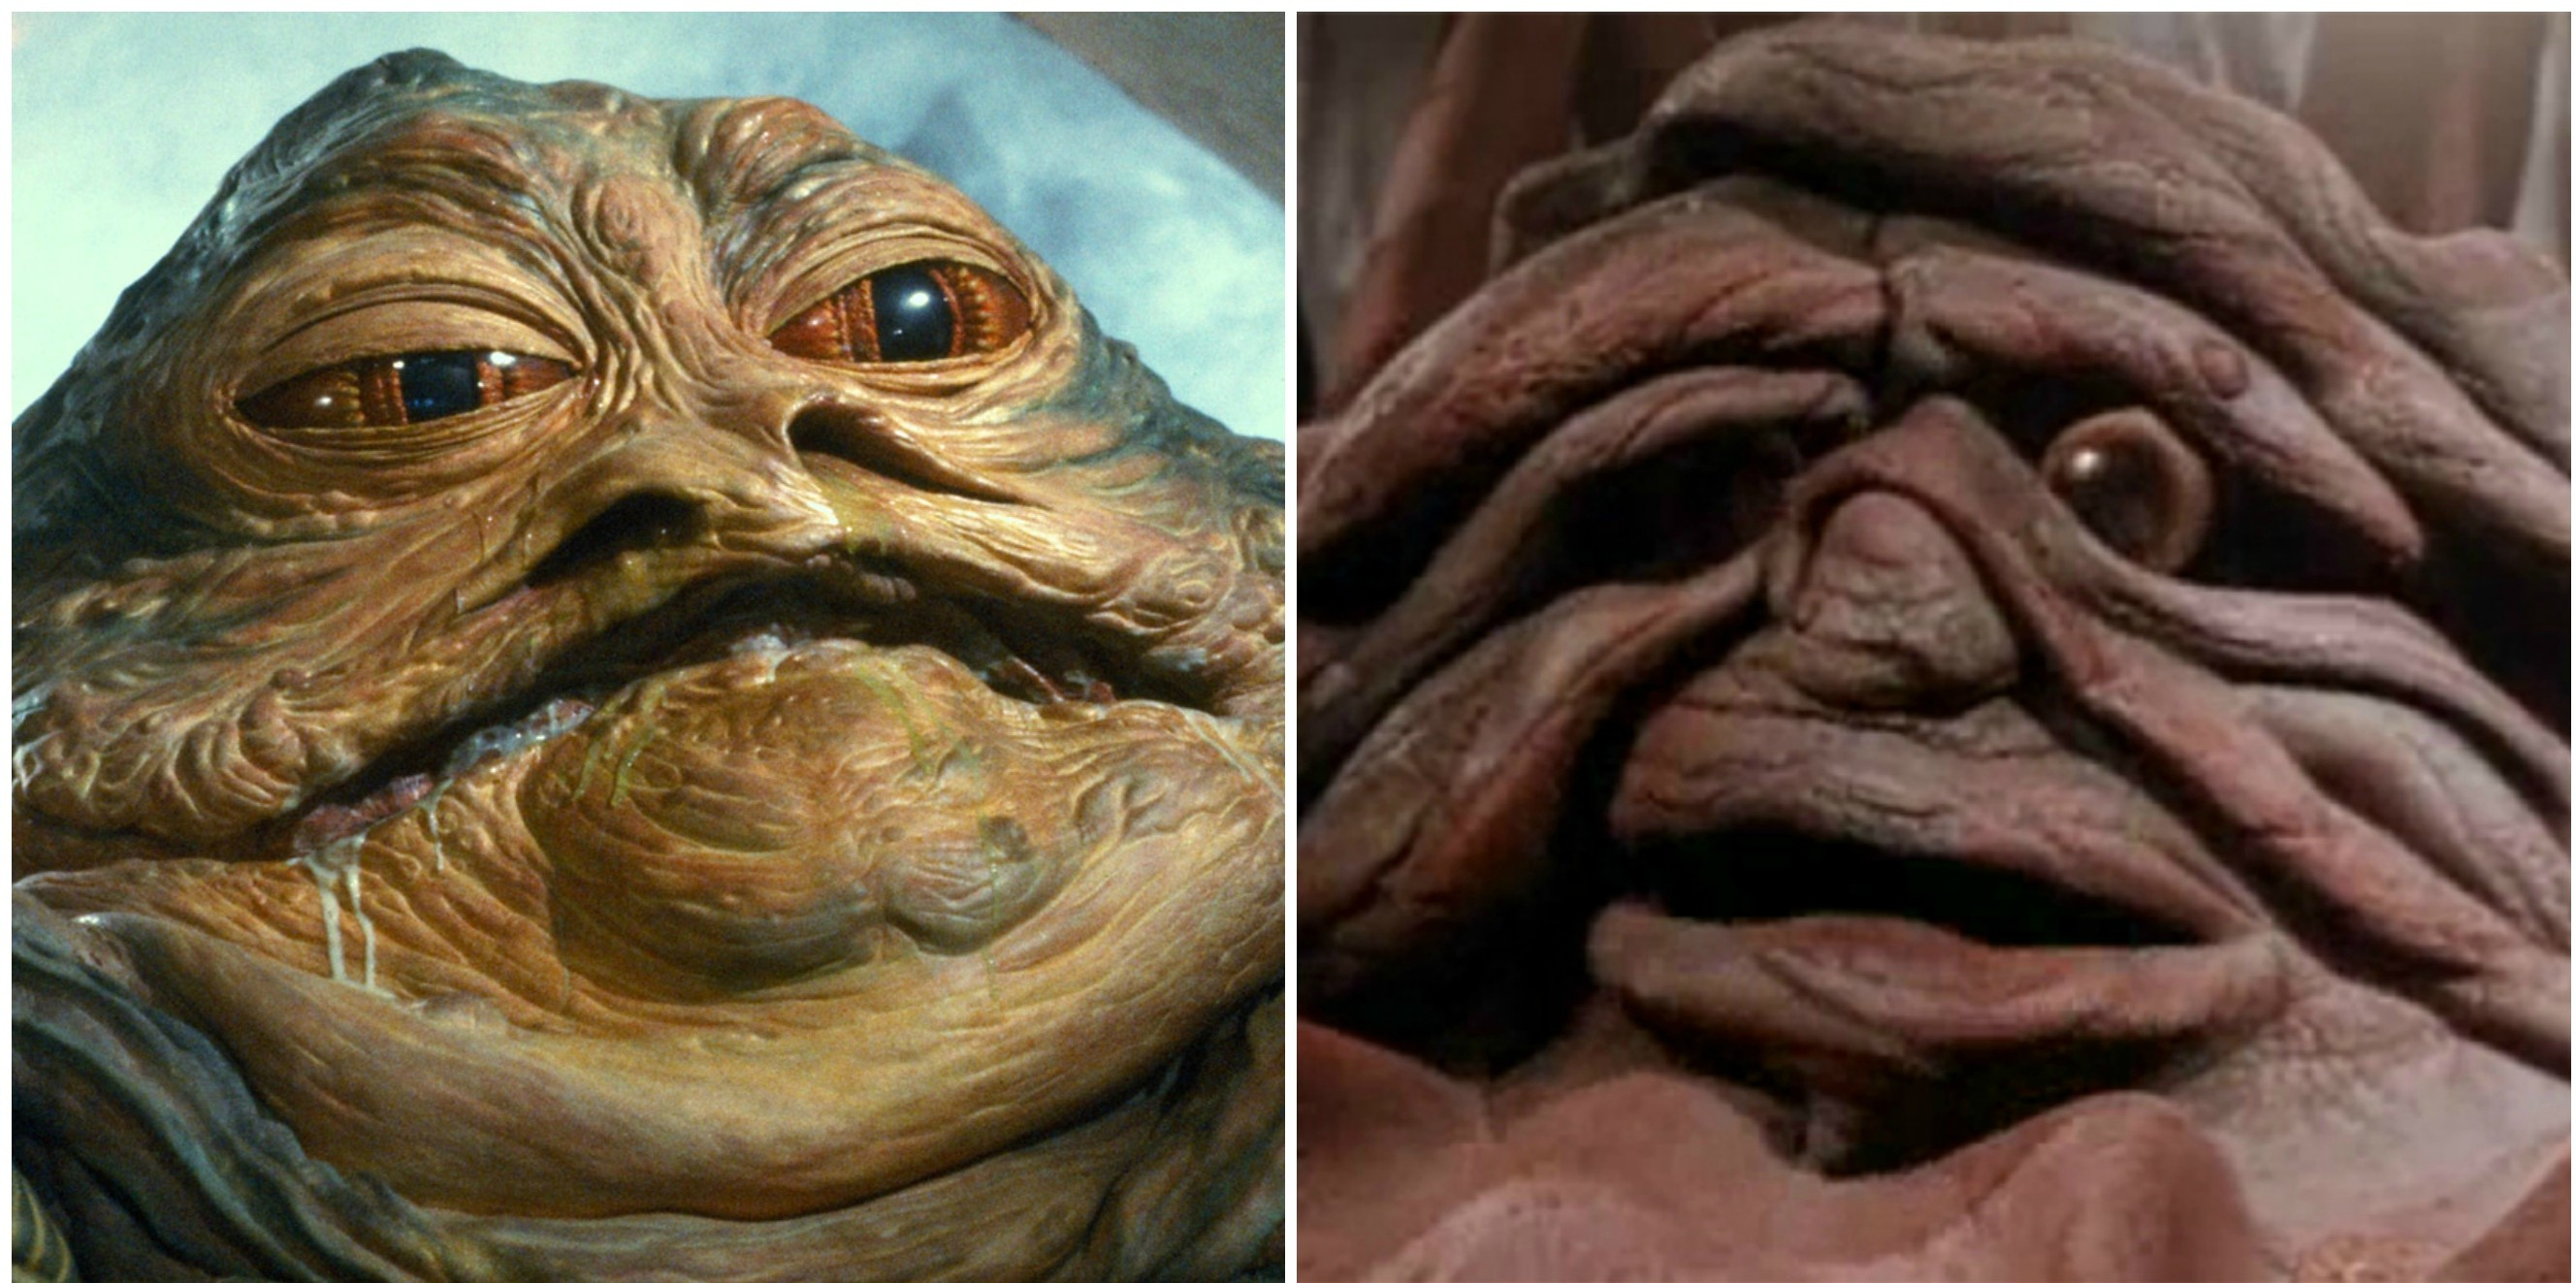 Jabba e Lama são parentes próximos que a ficção deu para Mr. Blobby (Foto: Reprodução)